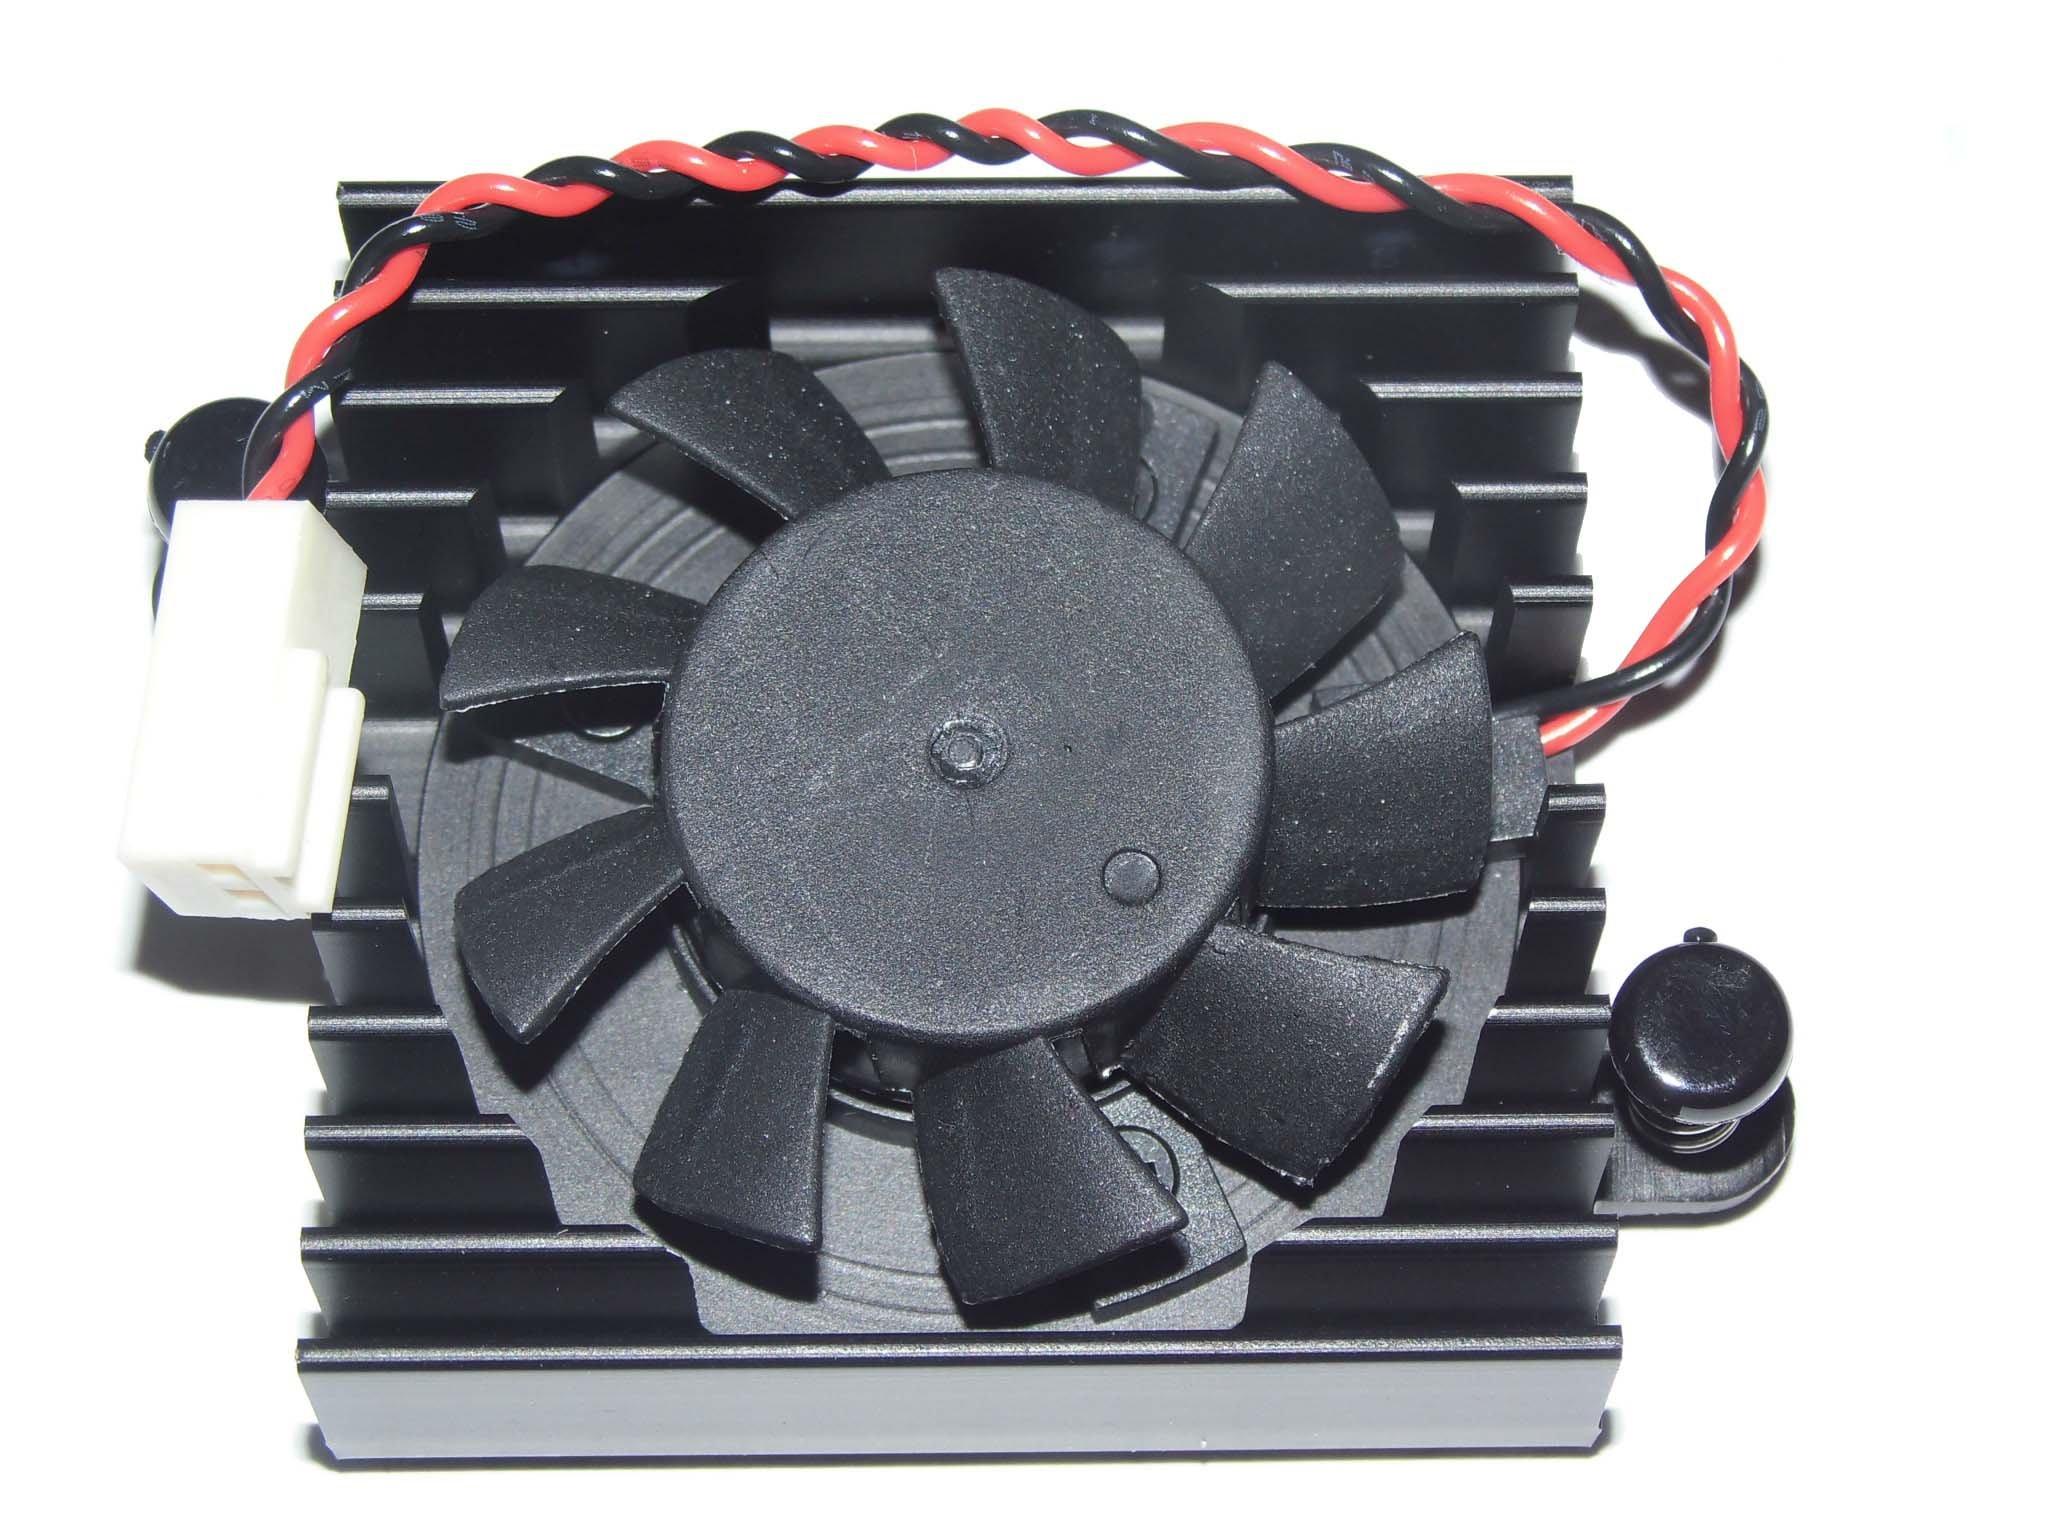 Heatsink fan,DaHua DVR CPU Fan,HDCVI Camera Fan,HD DVR Motherboard BGA Cooler fan,For lorex security system,q-see camera dvr,5V 2Wire 454513mm ,5.5cm hole size